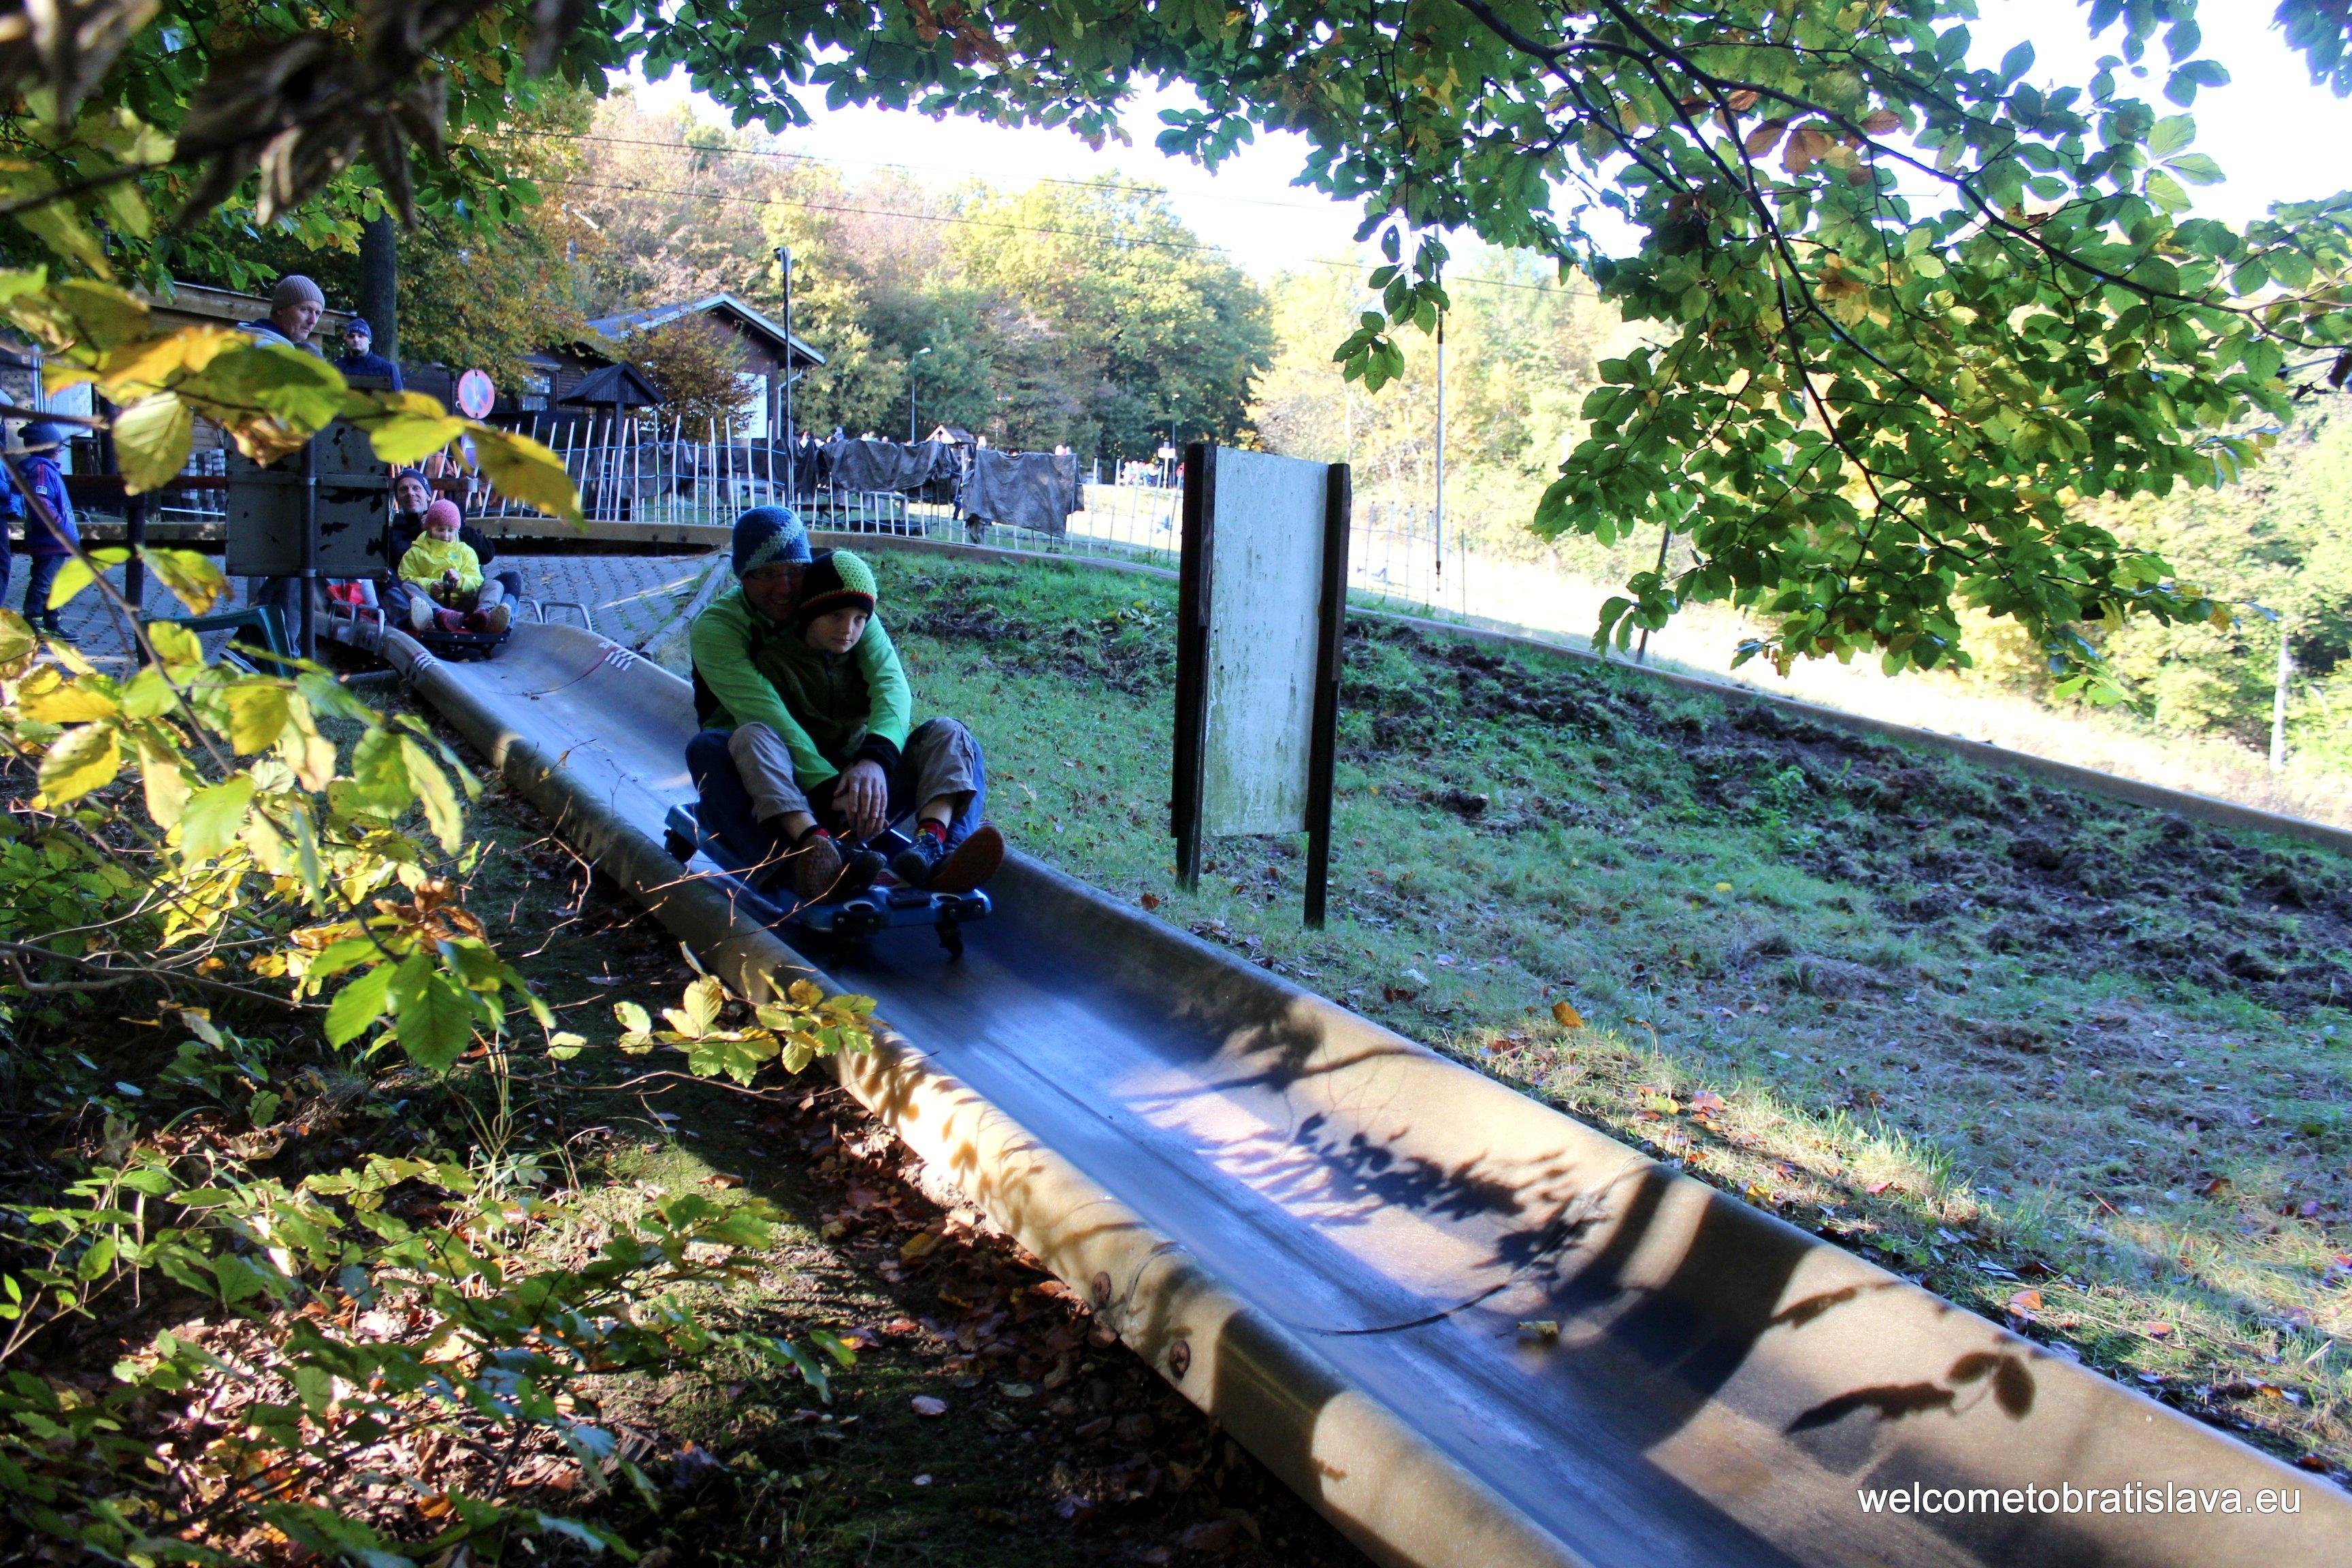 Outdoor places for kids in Bratislava - bobsled Koliba